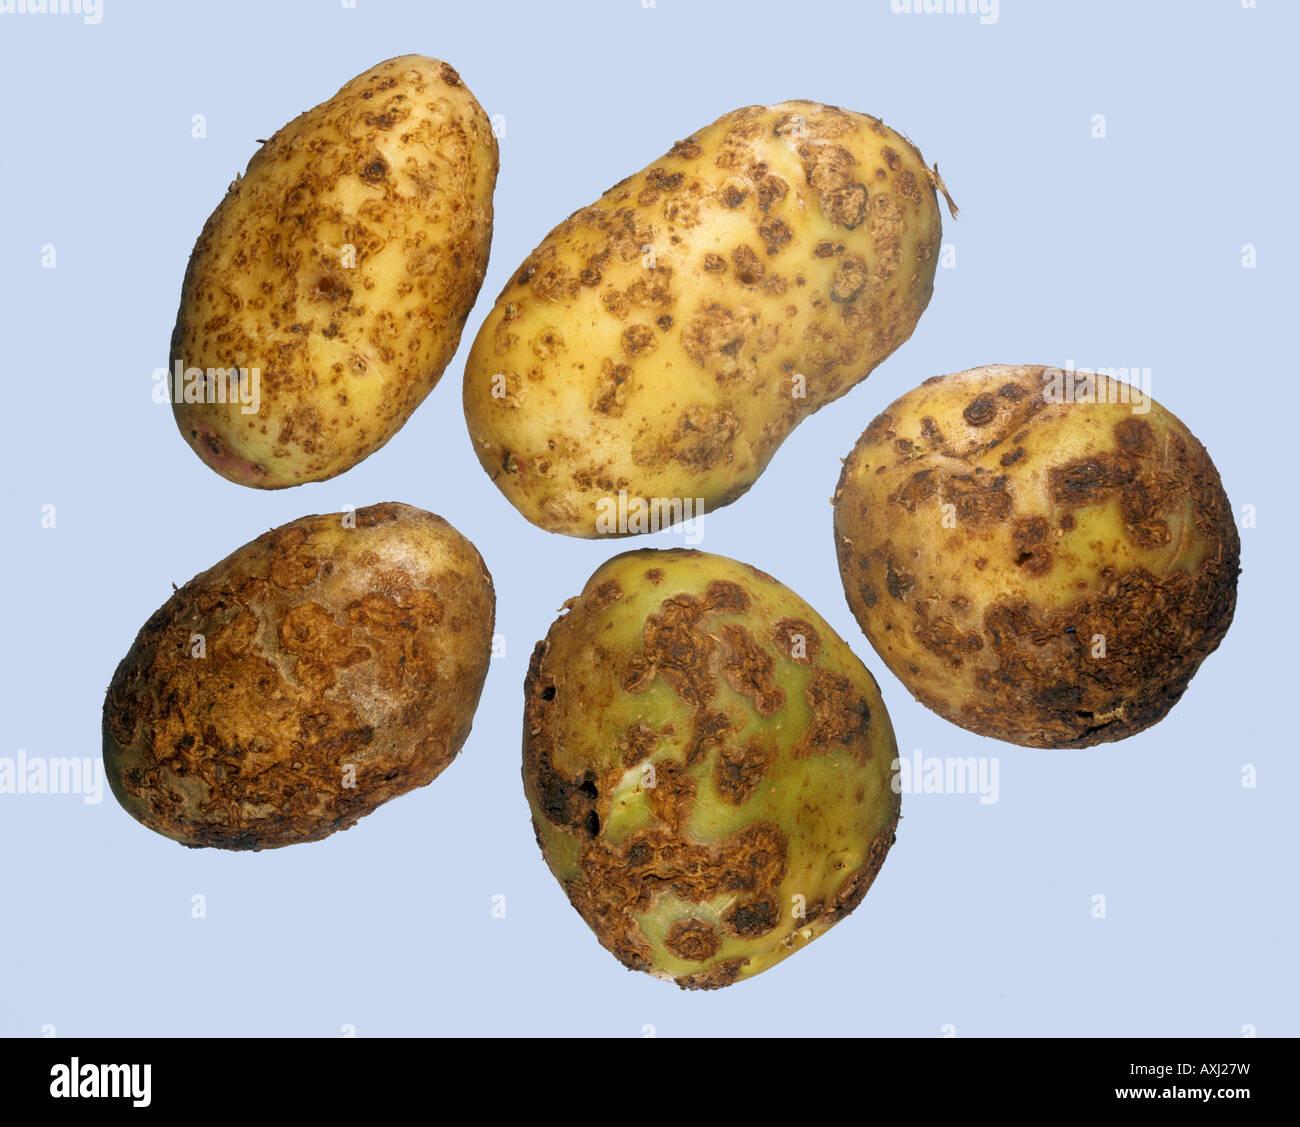 La gale commune streptomyces scabies sur les sympt mes de la maladie des tubercules de pomme de - Maladie de la pomme de terre ...